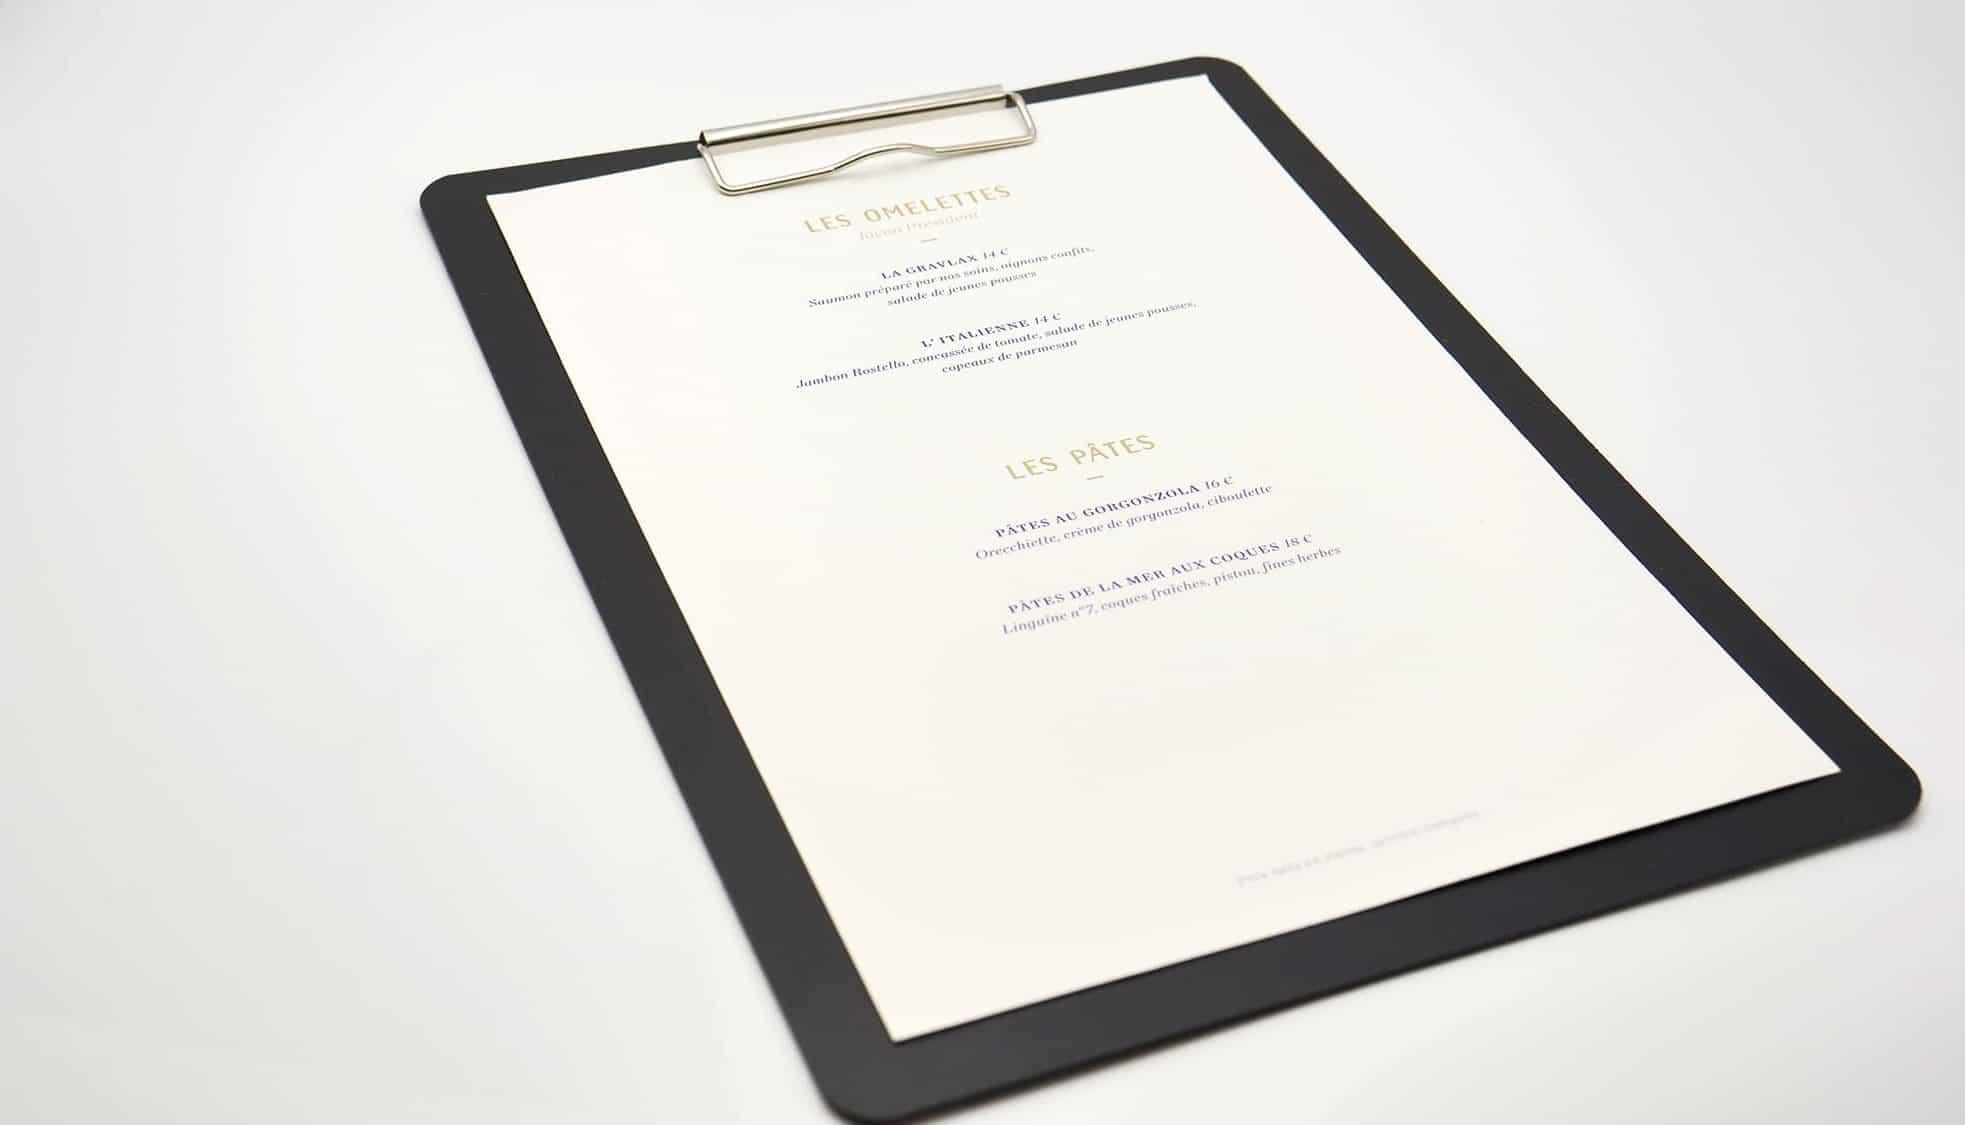 prot ge menus d couvrez la gamme compl te d di e aux chr. Black Bedroom Furniture Sets. Home Design Ideas